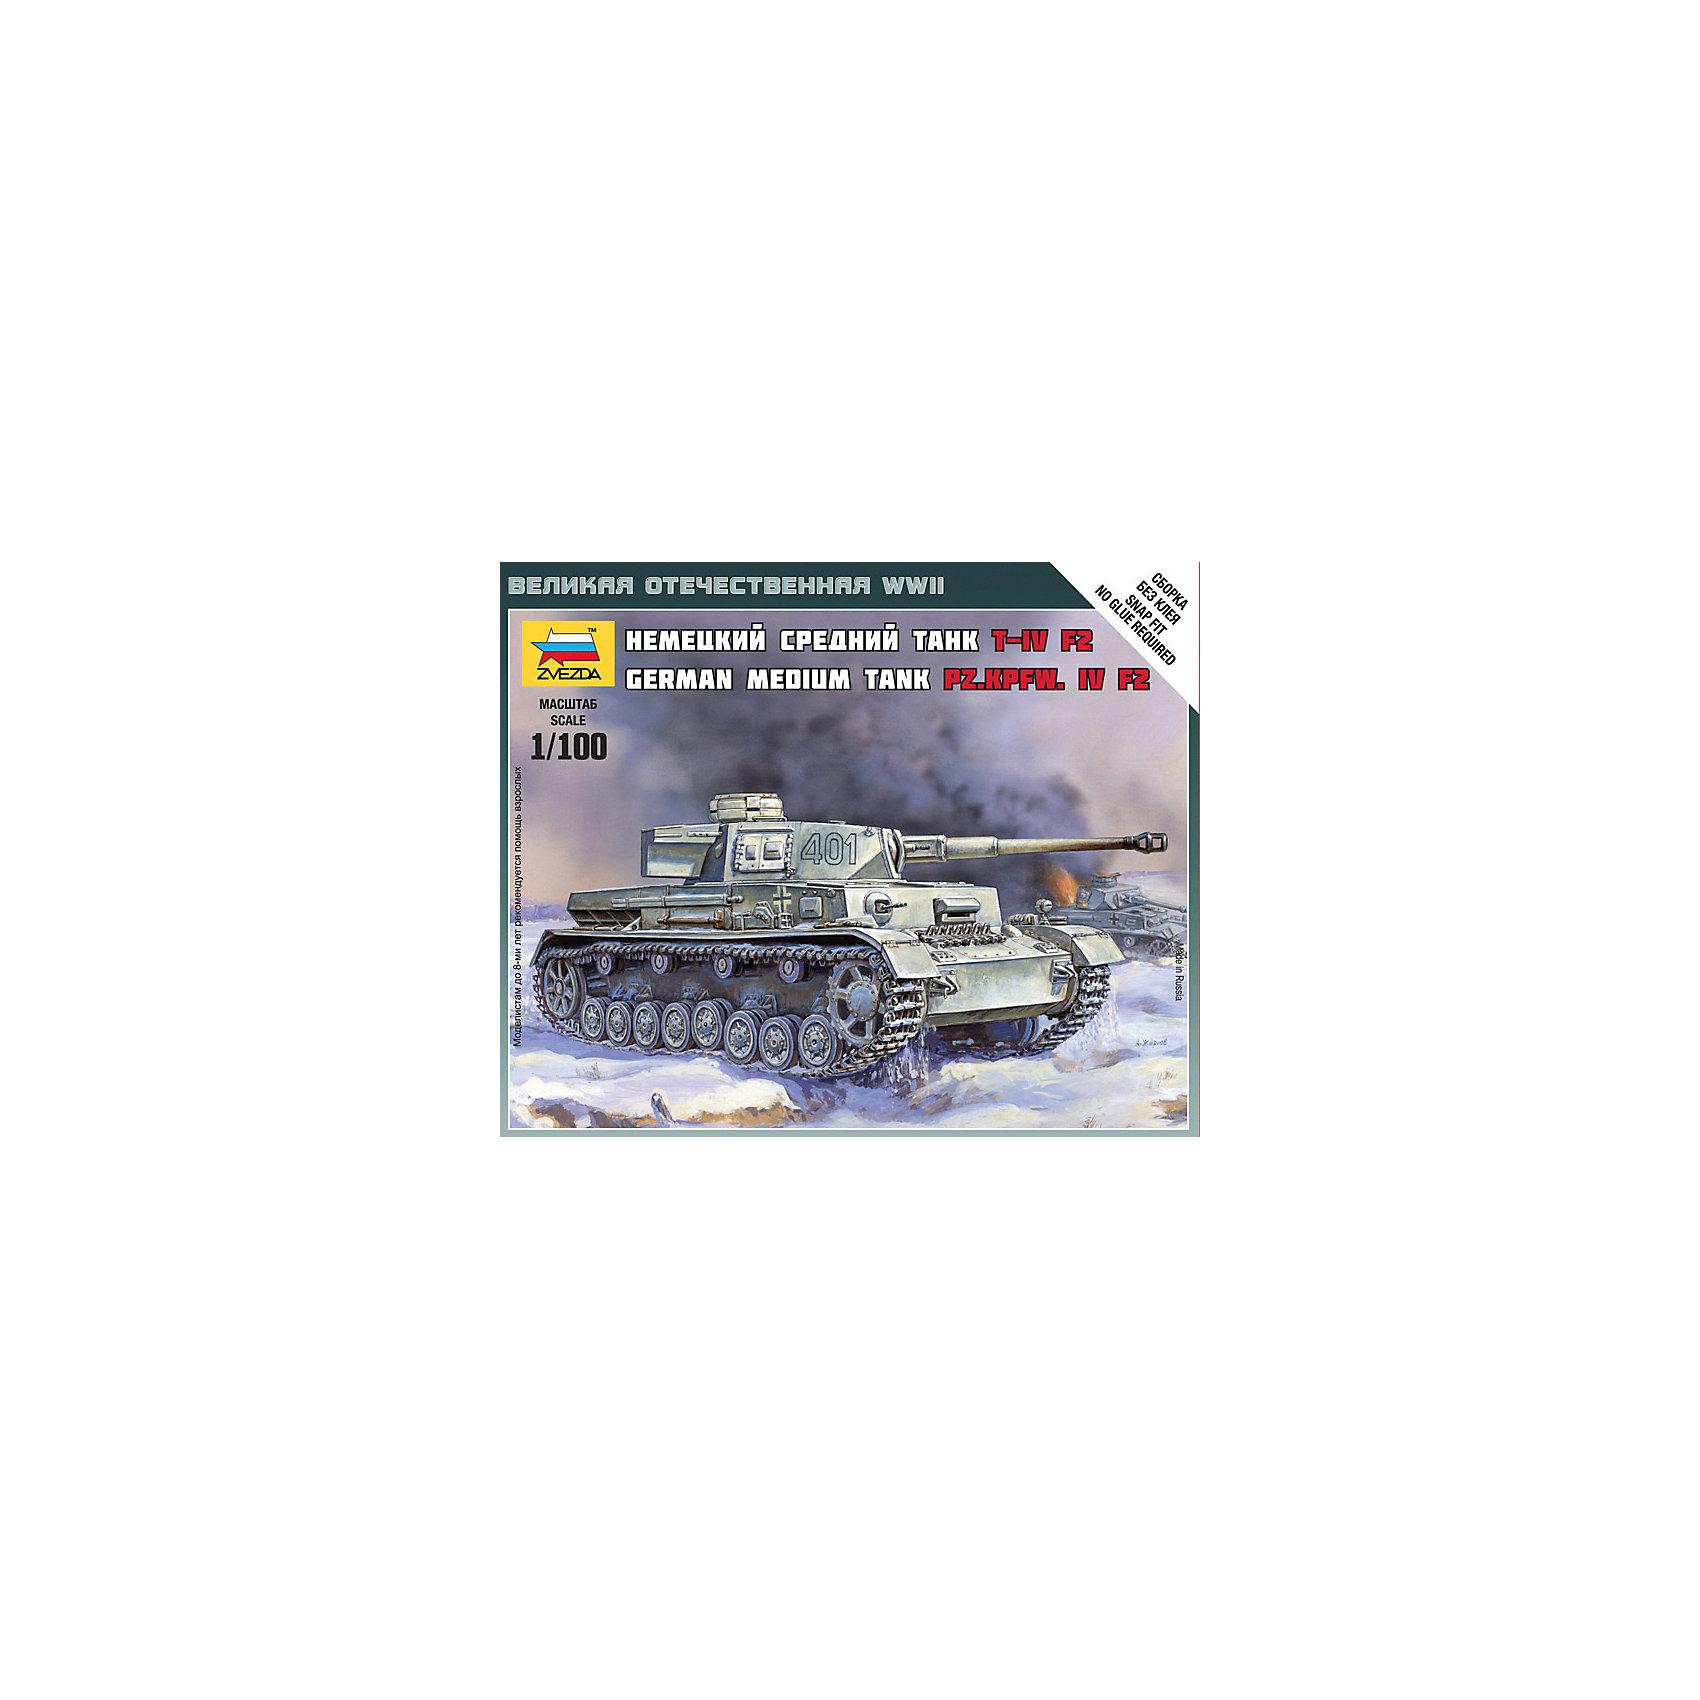 Сборная модель Звезда Немецкий средний танк Т-4 F2, 1:100 (сборка без клея)Модели для склеивания<br>Модель сборная. Немецкий танк Т-4 F2<br><br>Ширина мм: 120<br>Глубина мм: 145<br>Высота мм: 200<br>Вес г: 40<br>Возраст от месяцев: 36<br>Возраст до месяцев: 180<br>Пол: Мужской<br>Возраст: Детский<br>SKU: 7086500